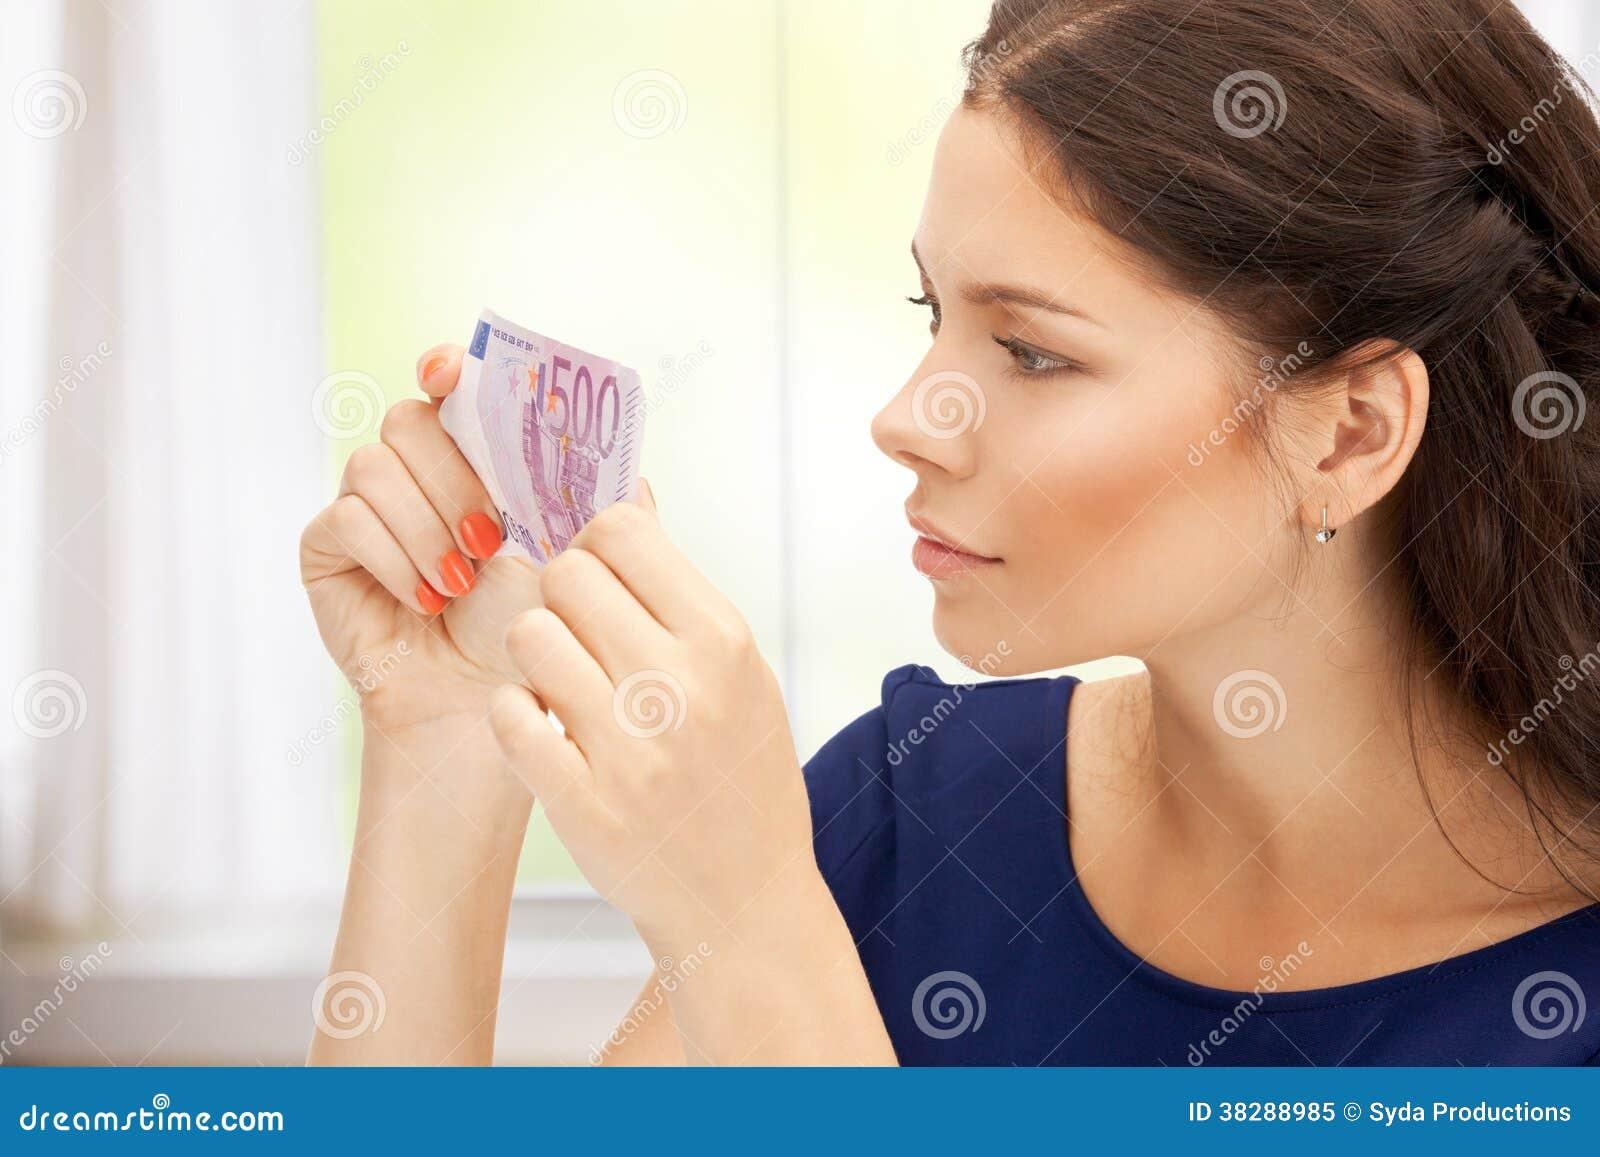 lovely cash